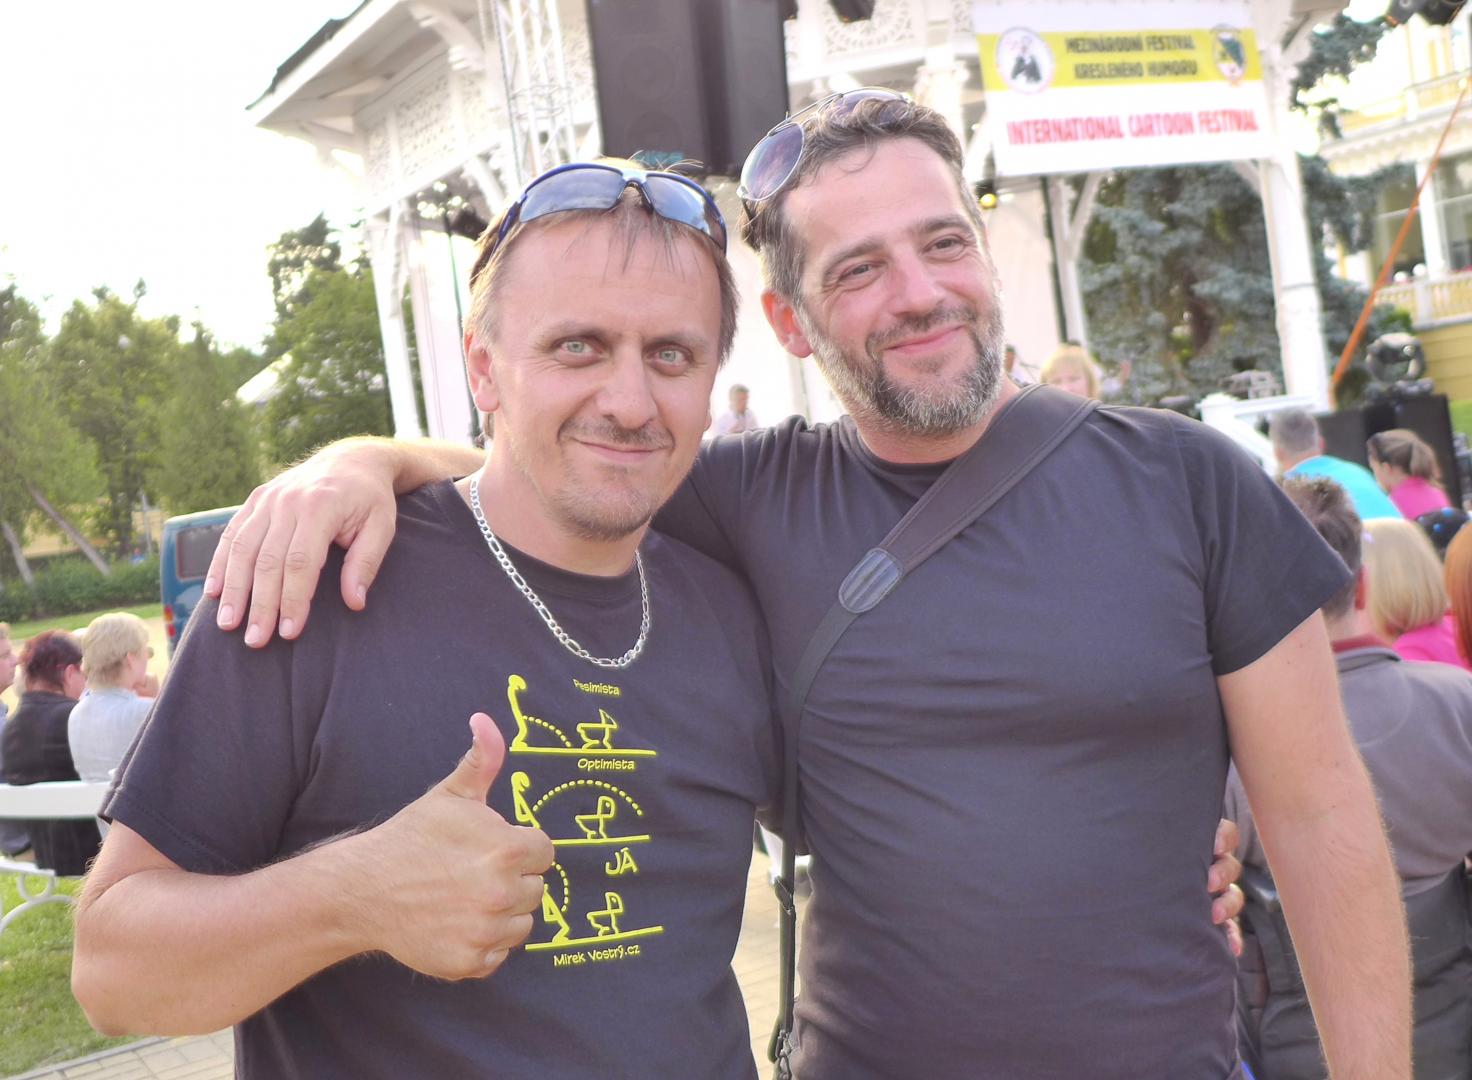 Zakladatelé Klubu kreslířů a humoristů a časopisu Tapír Mirek Vostrý a Pavel PATA Talaš